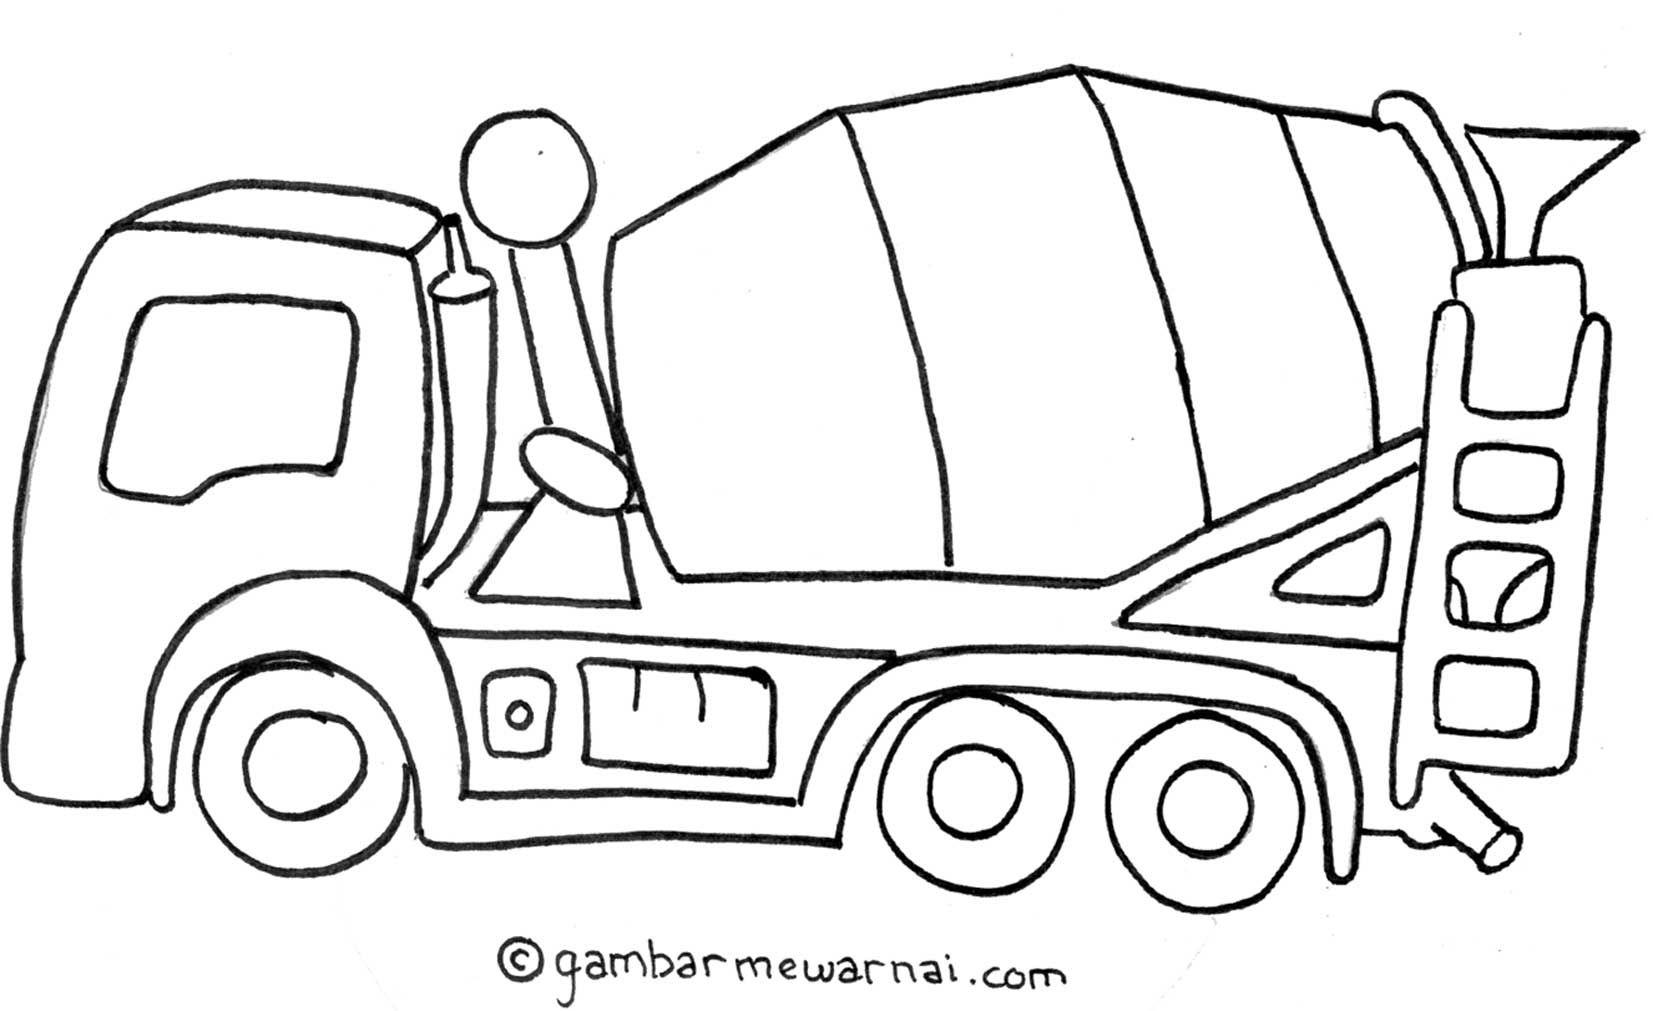 Mewarnai Gambar Mobil Excavator Mewarnai Cerita Terbaru Lucu Sedih Humor Kocak Romantis